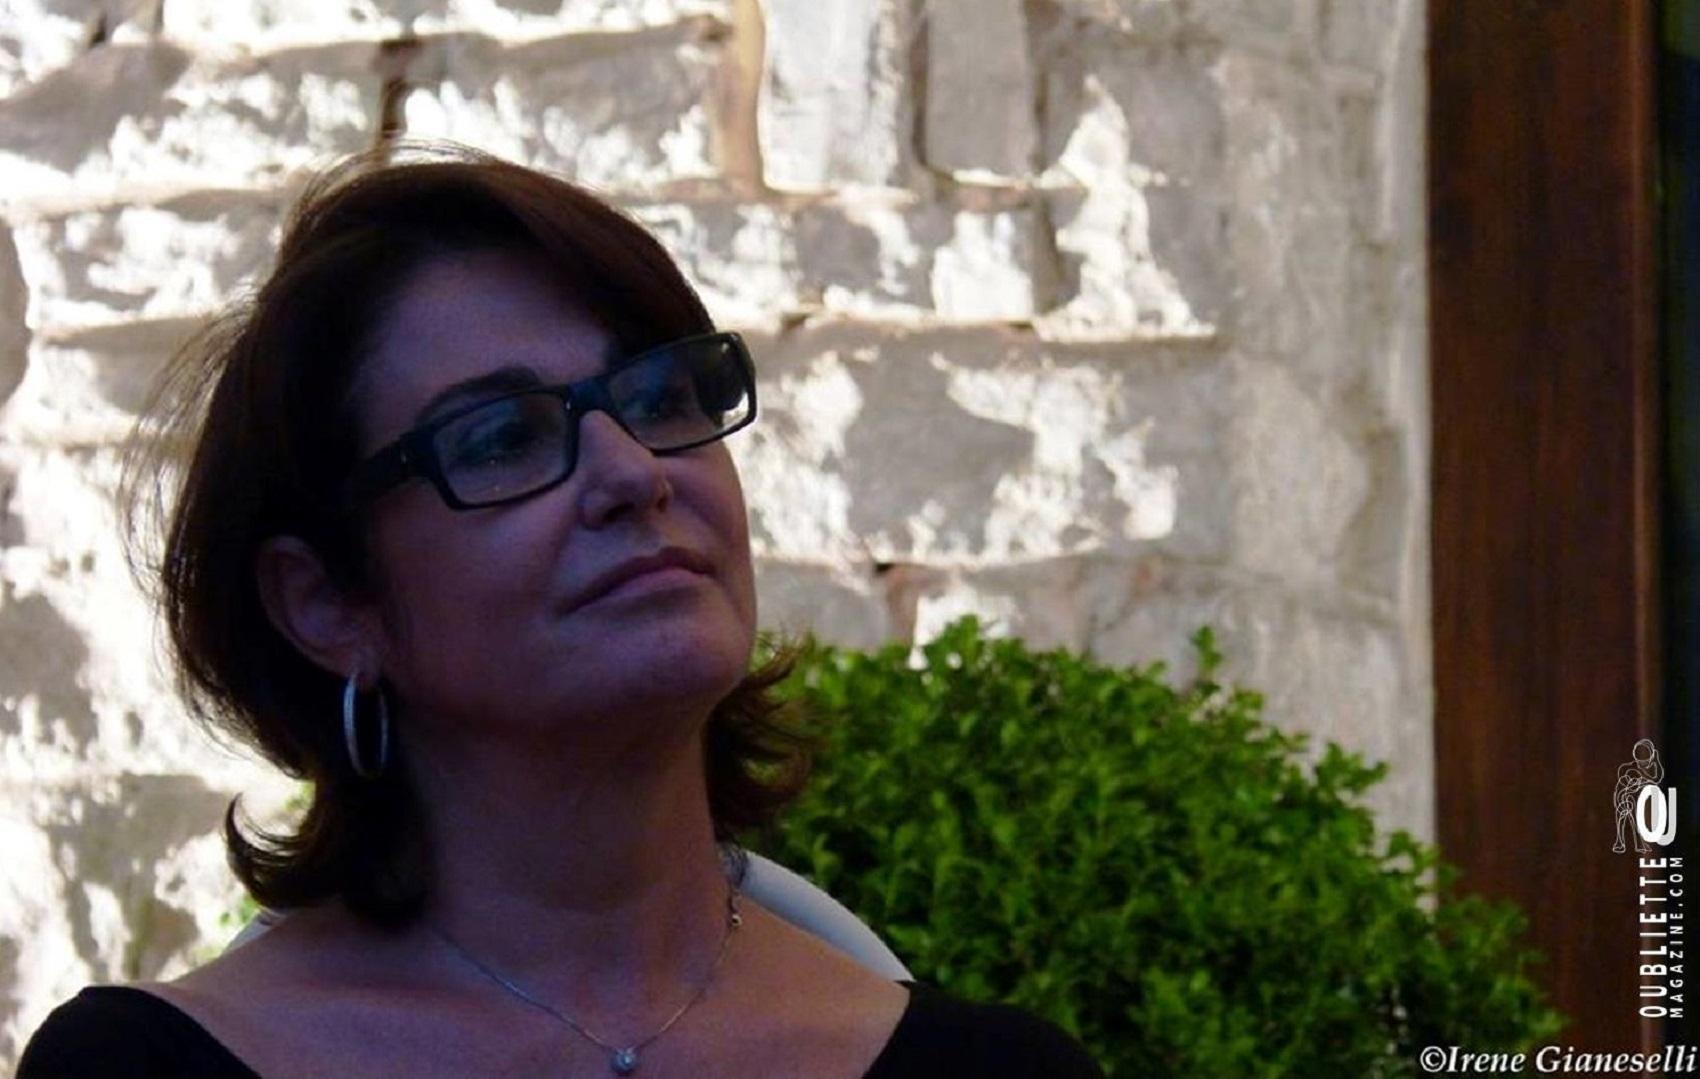 Intervista di Irene Gianeselli alla scrittrice Daria Colombo: alla sua età e con la sua bellezza